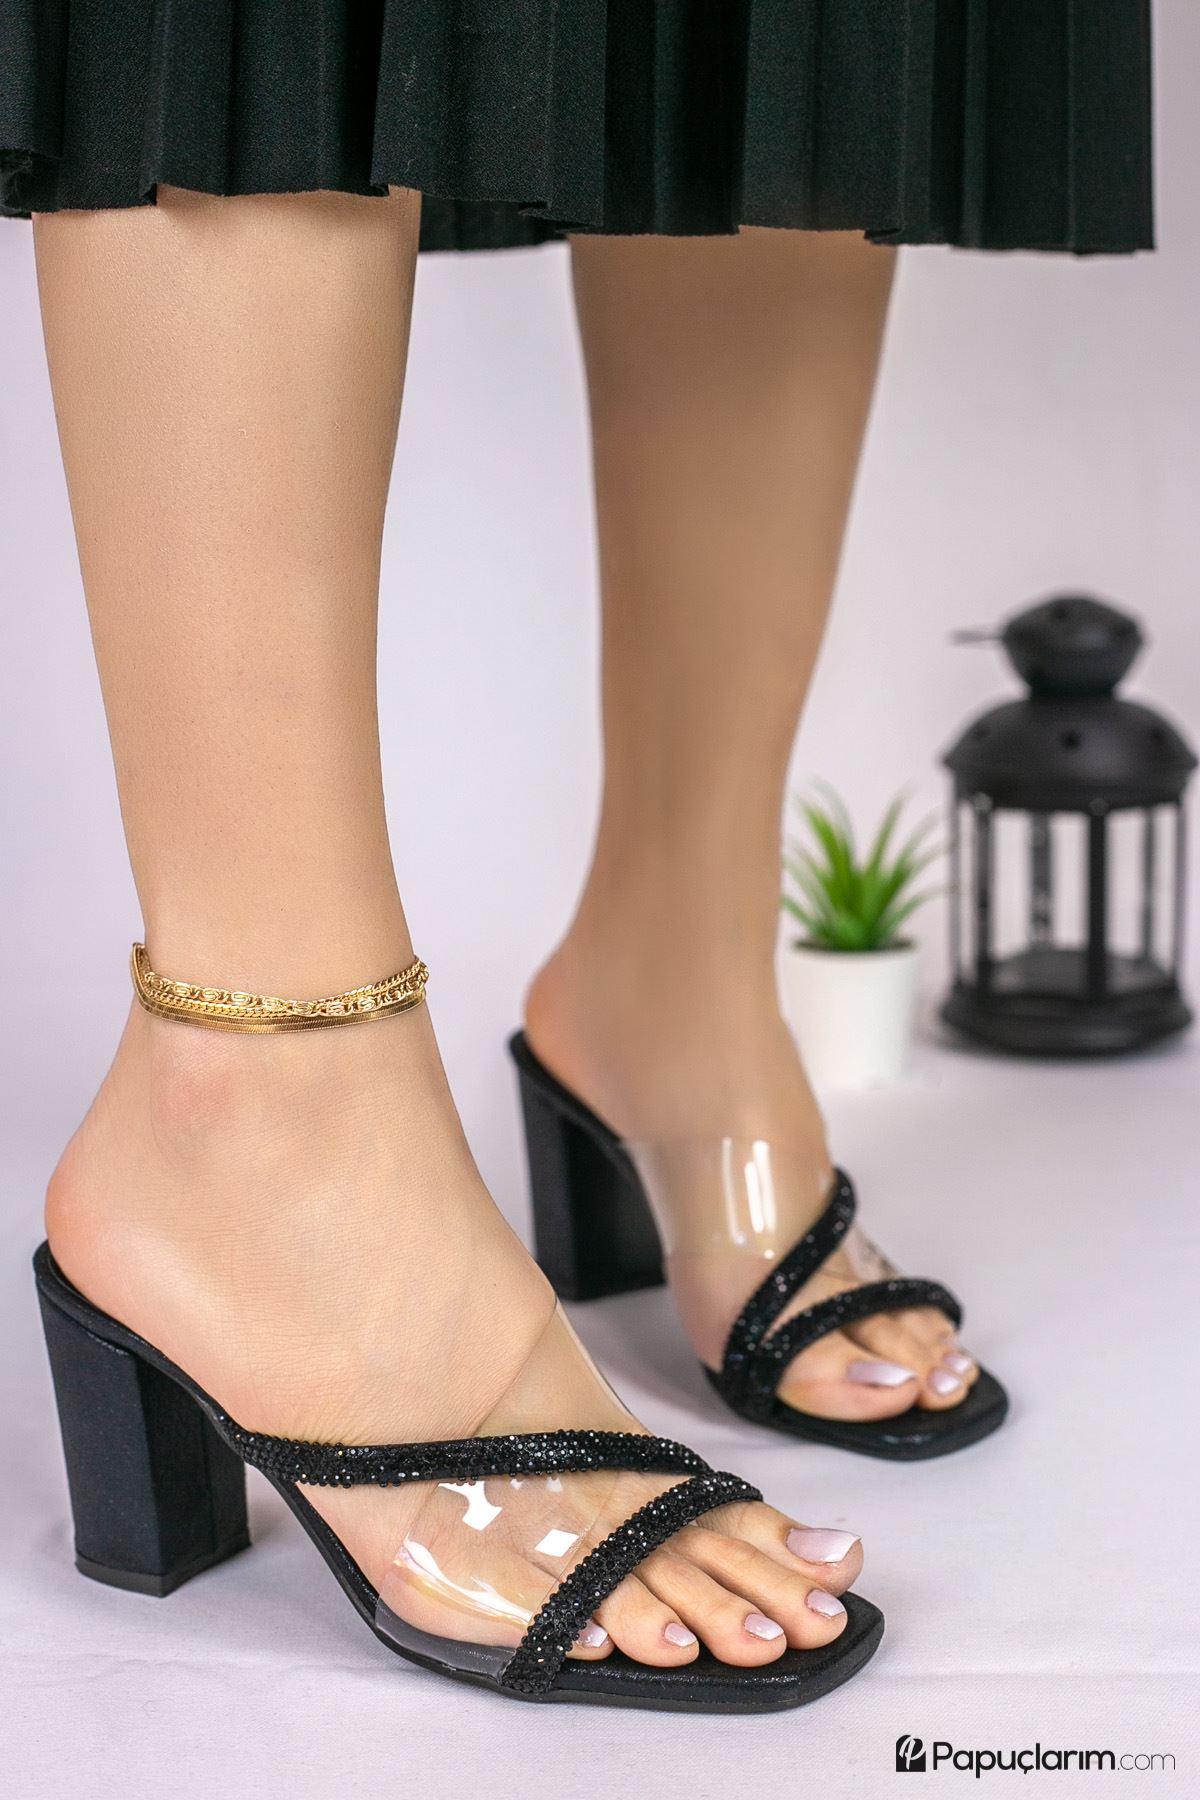 Savana Şeffaf - Siyah Taşlı Kadın Topuklu Terlik